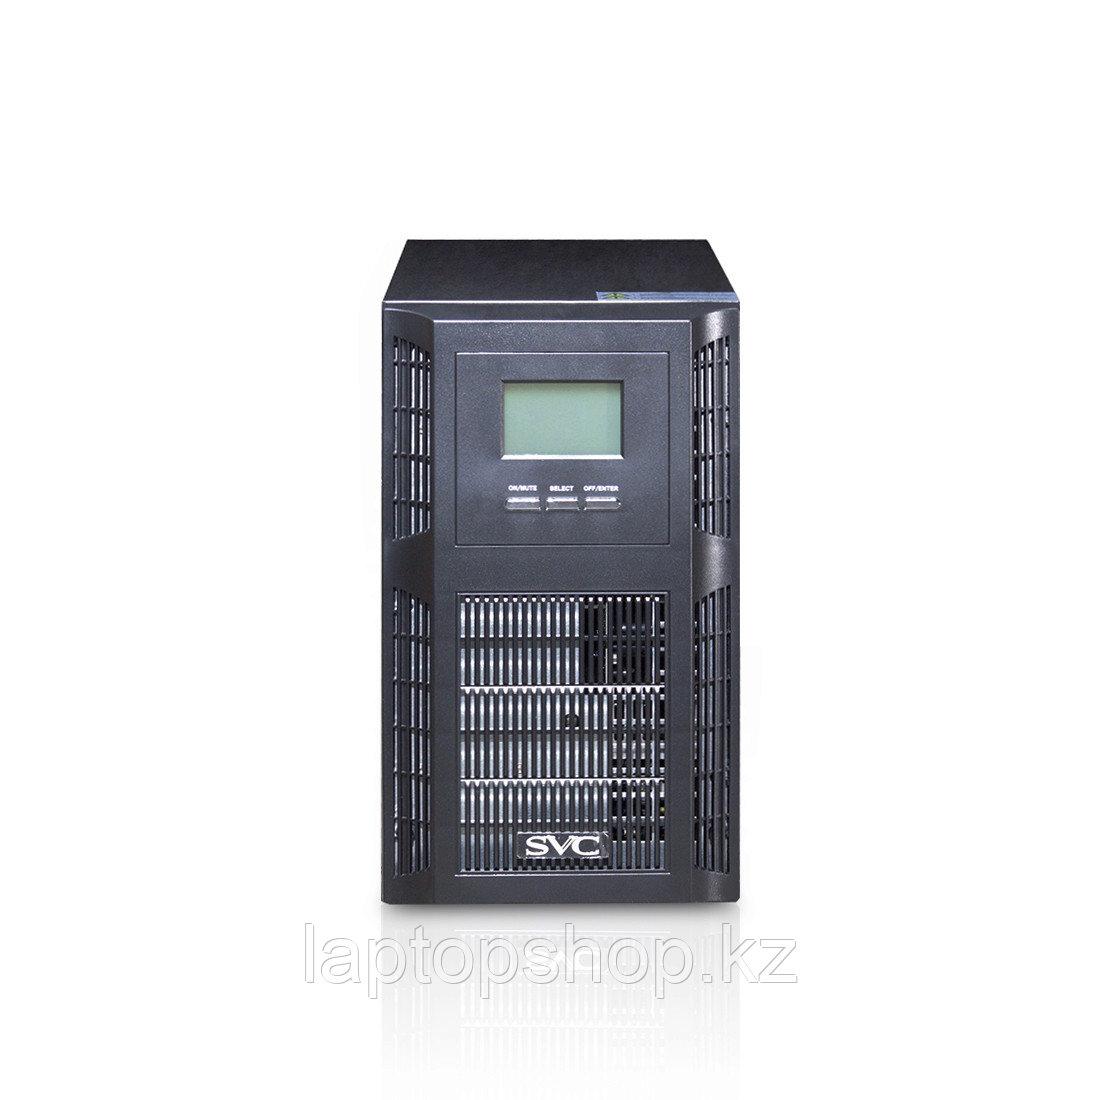 Источник бесперебойного питания SVC PT-3K-LCD, Мощность 3000ВА/2400Вт